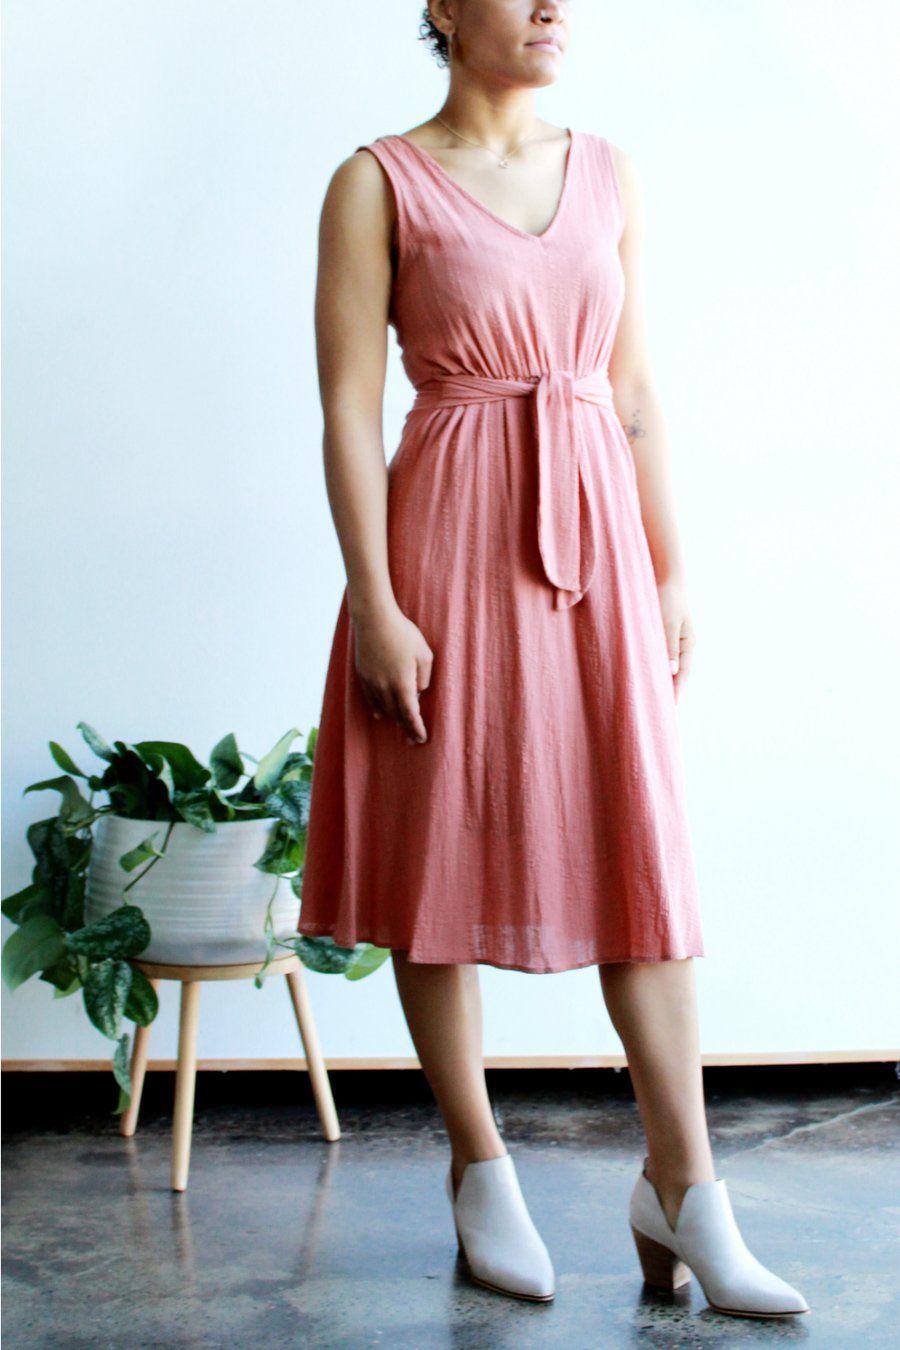 Katy Midi Dress In Brick Ecovibe Dresses Middy Dress Midi Dress [ 1350 x 900 Pixel ]